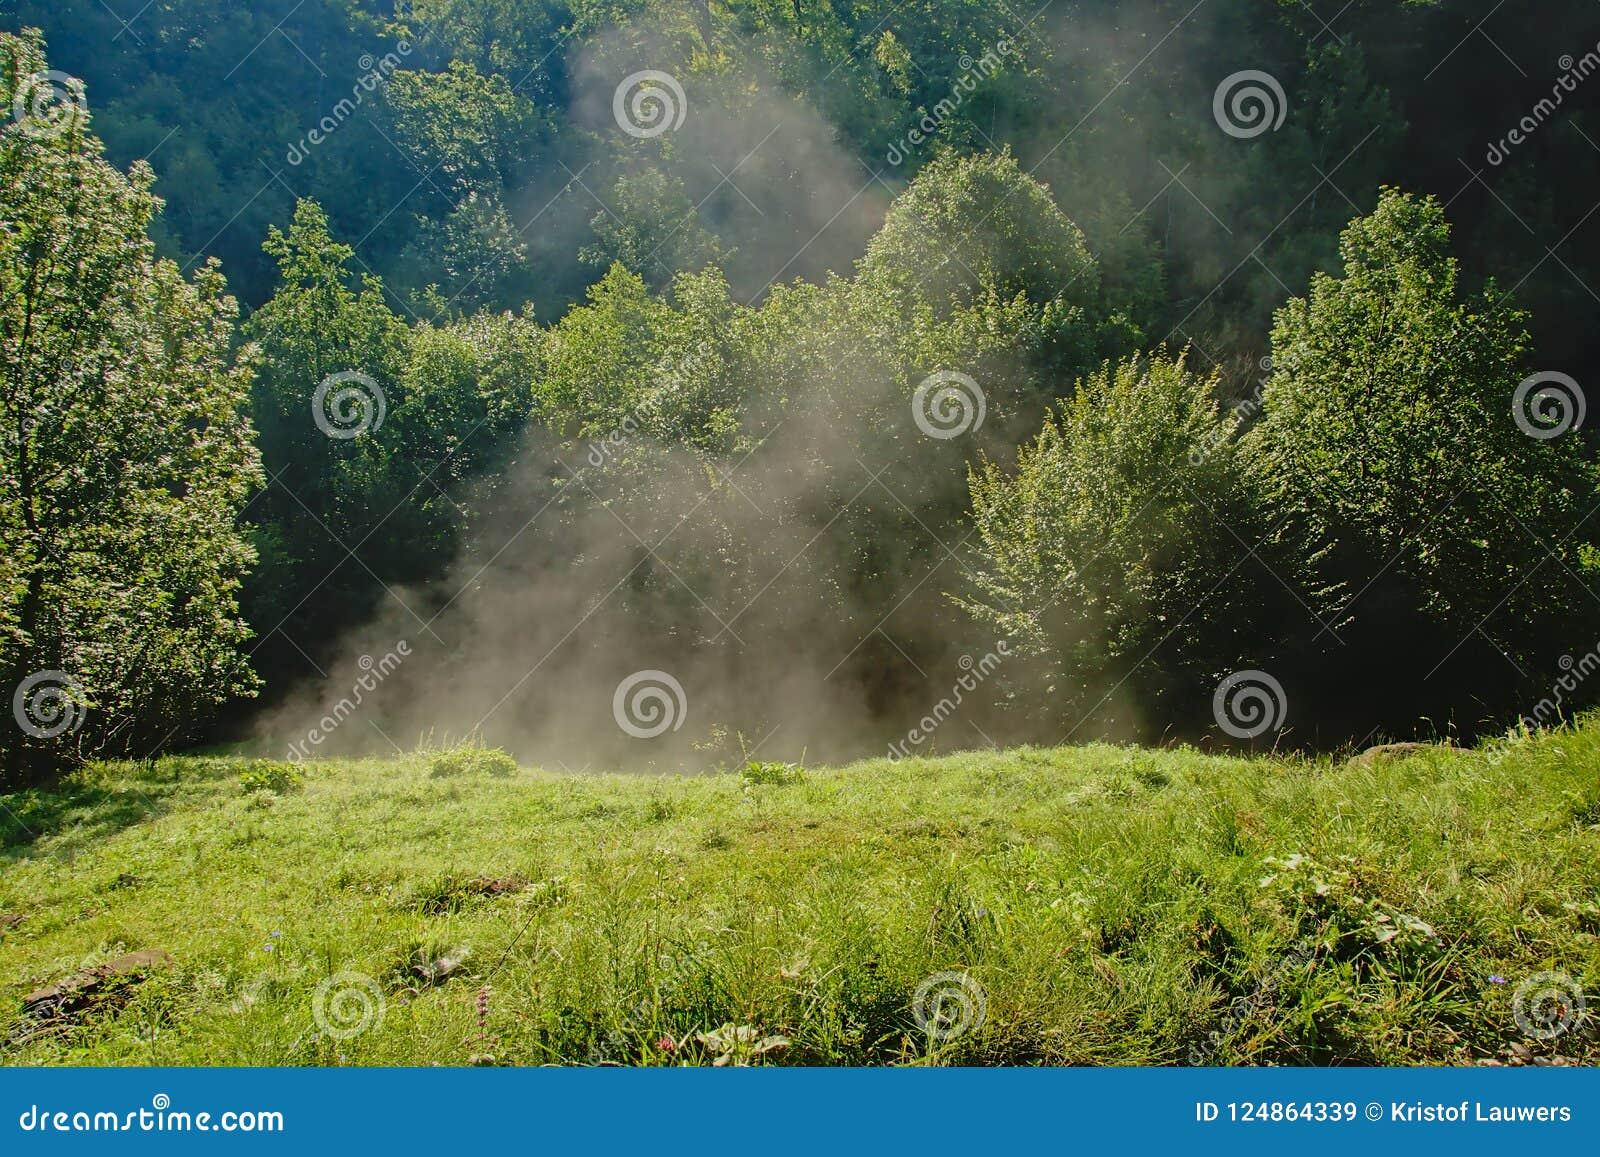 Υδρονέφωση πρωινού που αυξάνεται κάτω από τις πρώτες ακτίνες ήλιων σε ένα λιβάδι στη ρουμανική επαρχία